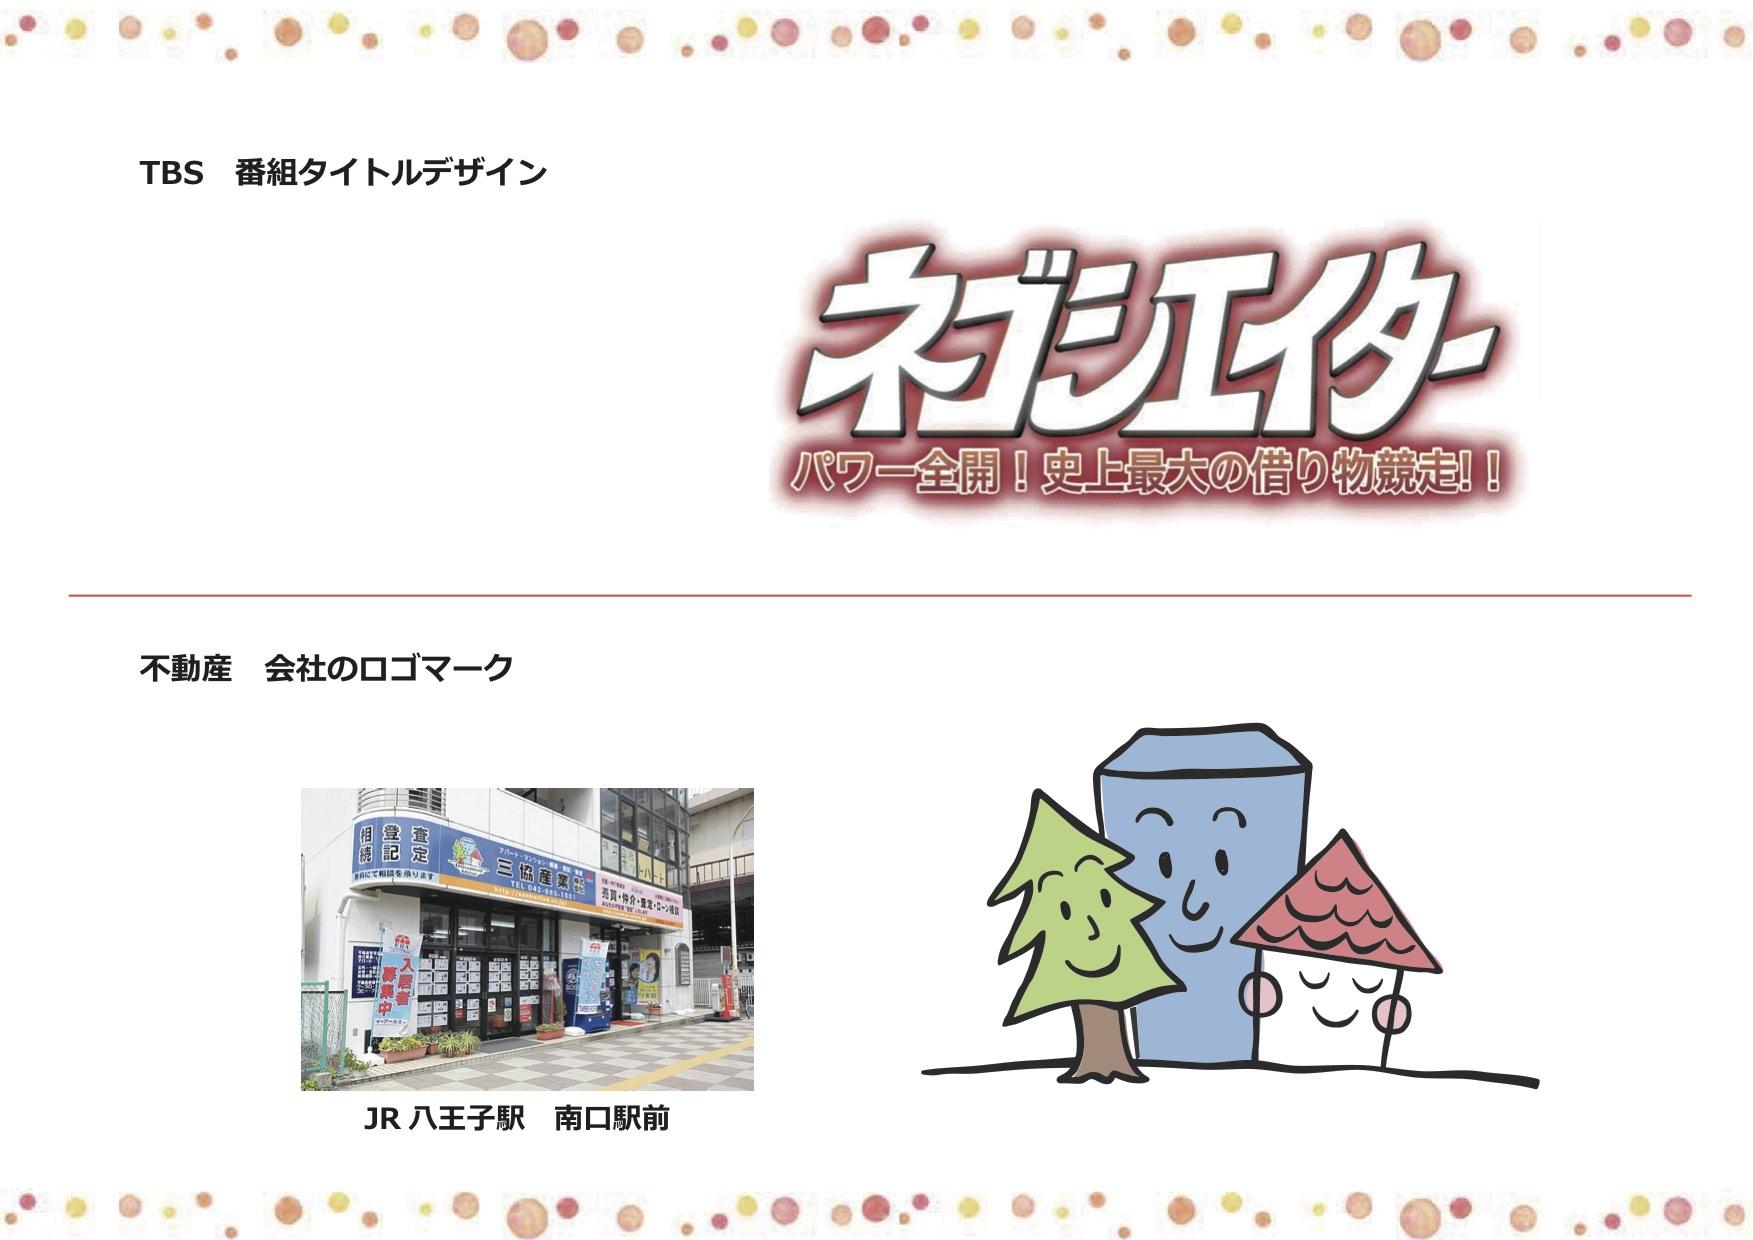 TBS_番組タイトル_三協